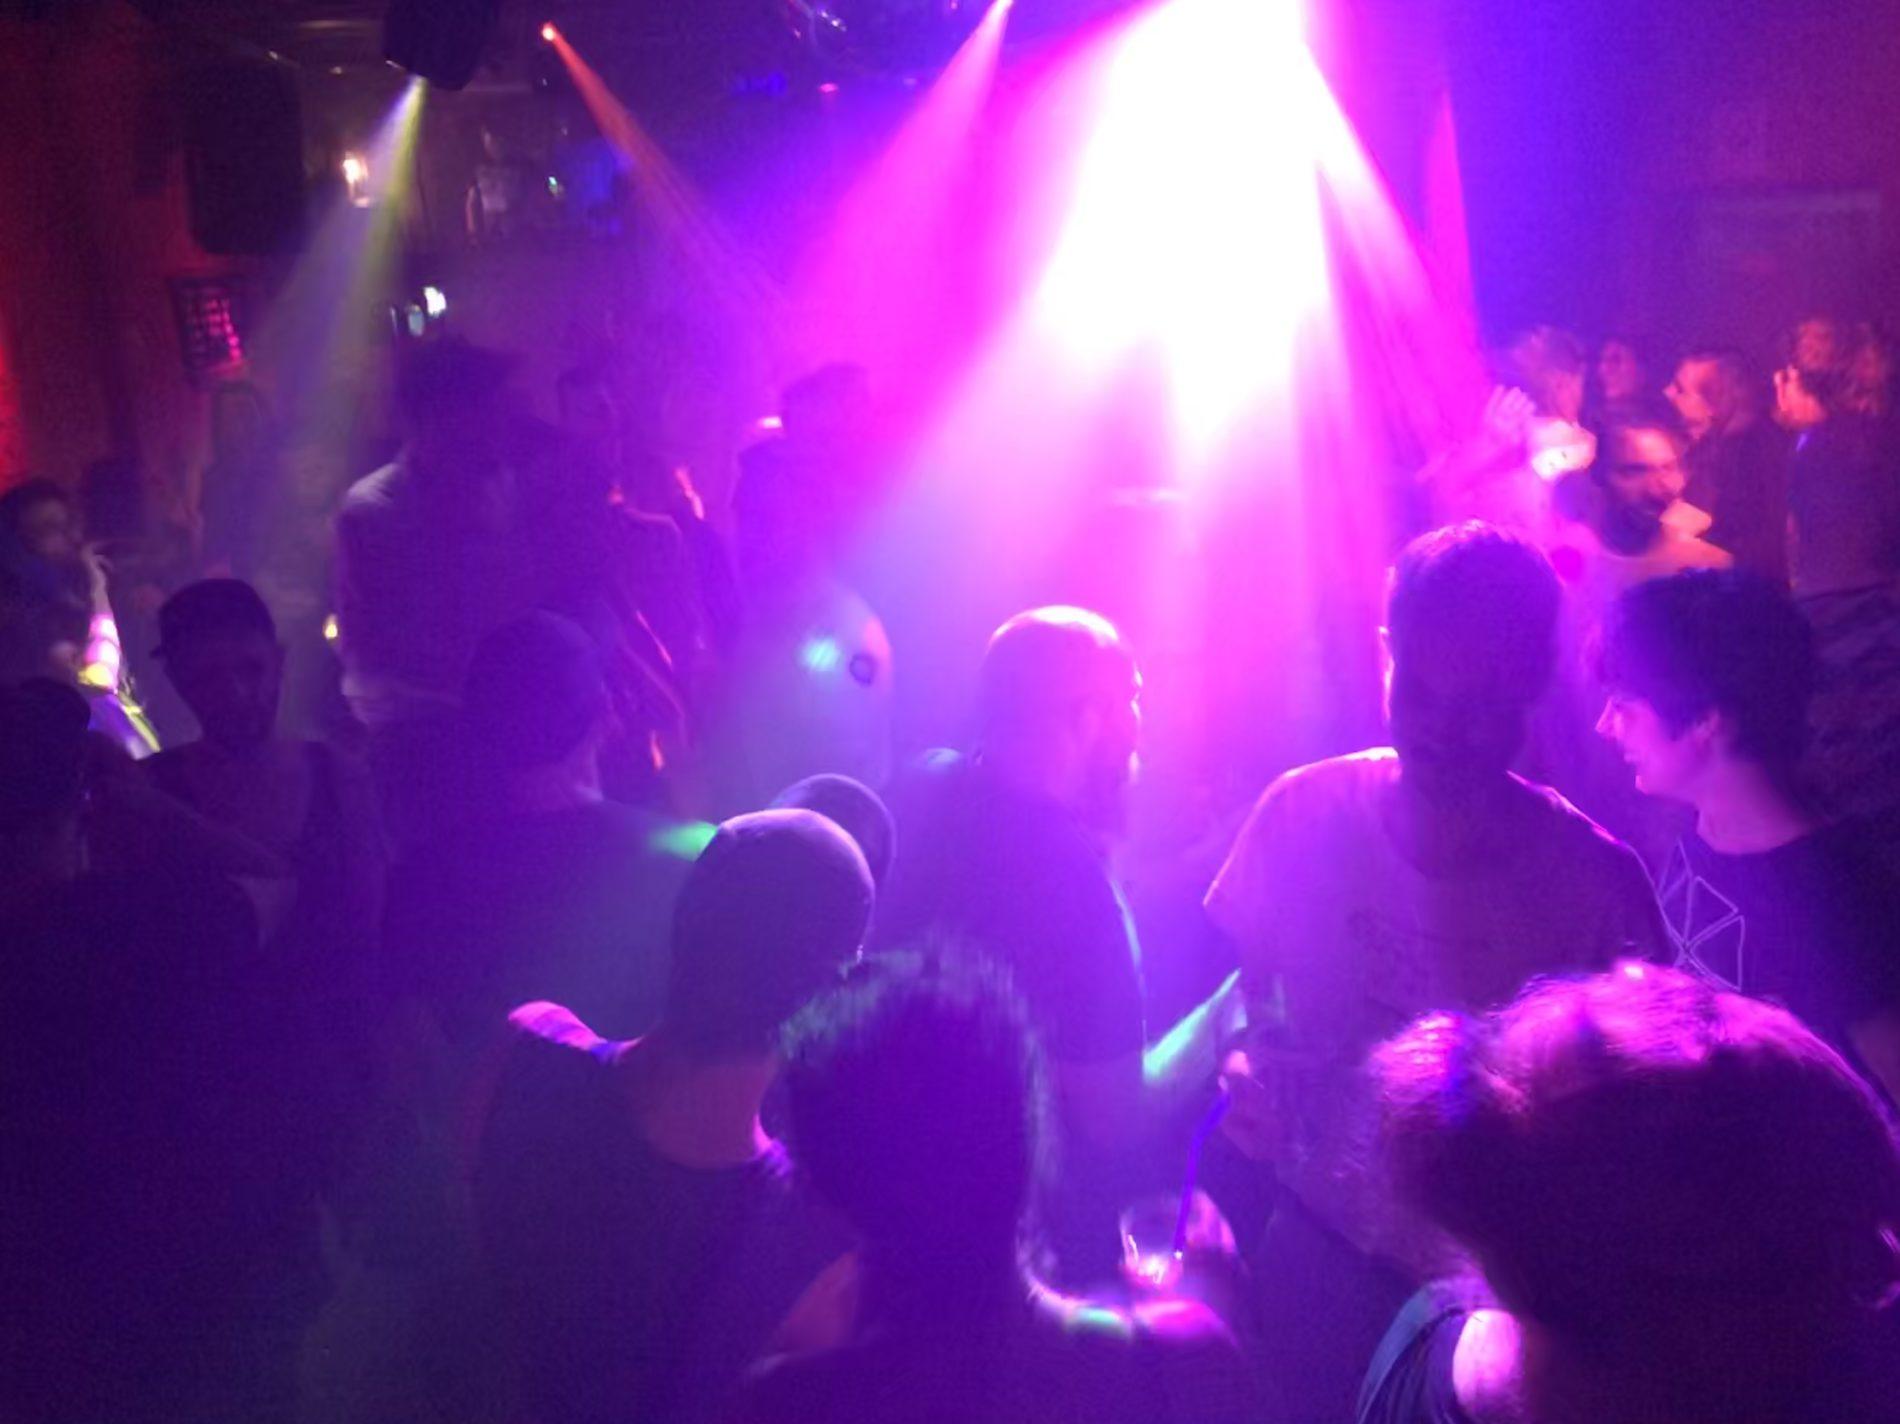 Tanzfläche in der Schwulen Sau Hannover